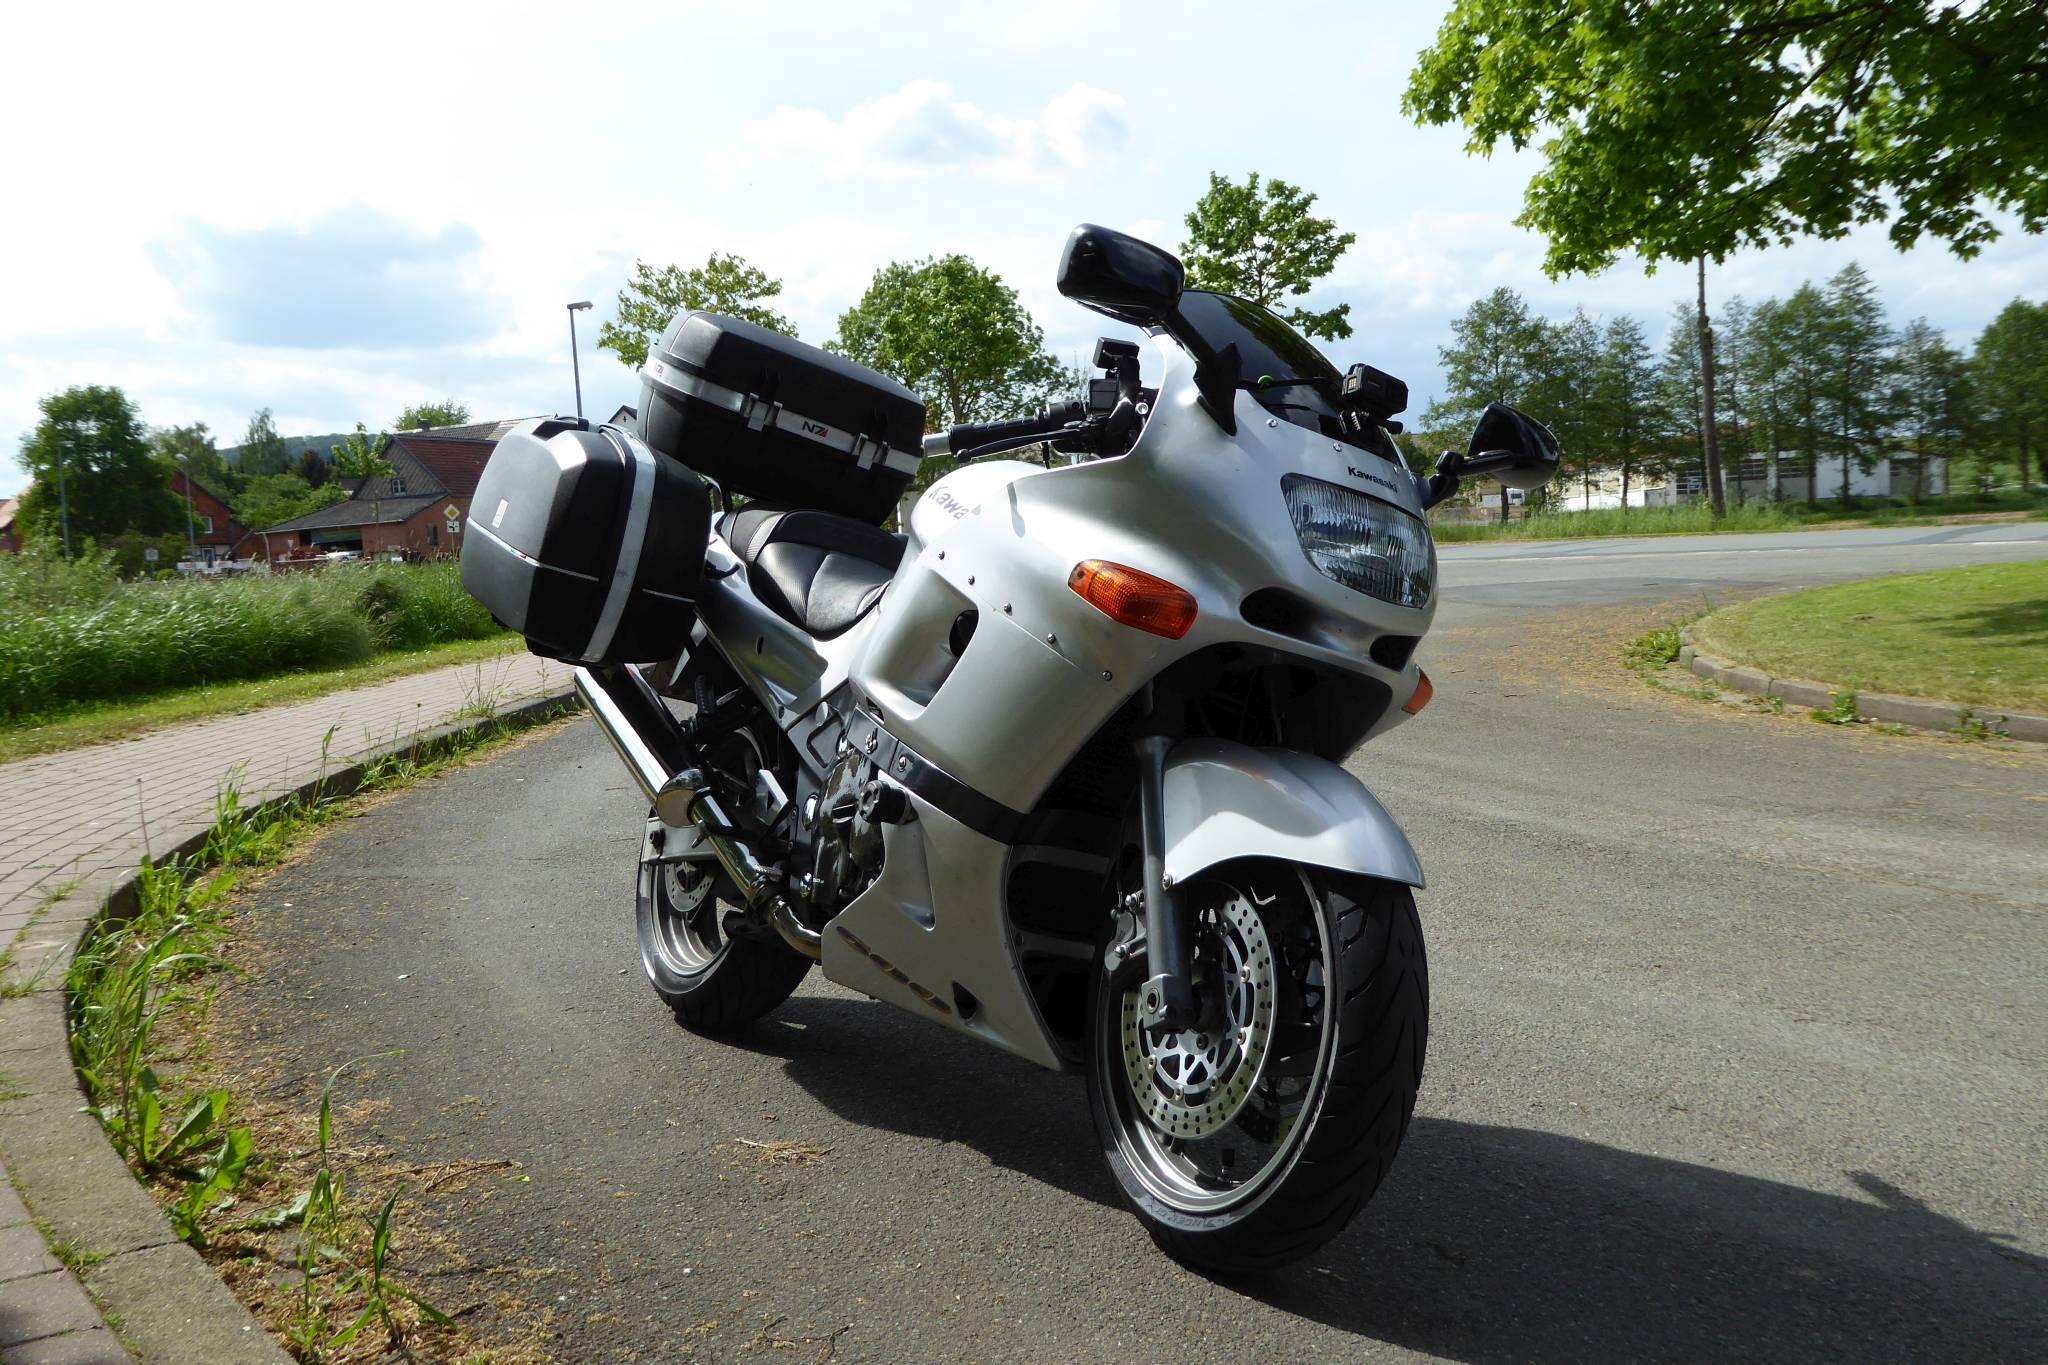 Seit 2012 Bin Ich Nun Mit Dem Motorrad In Europa Unterwegs Gewesen Jedes Jahr Sechs Bis Achttausend Kilometer Und Mehrere Wochen Am Stuck Der ZZR